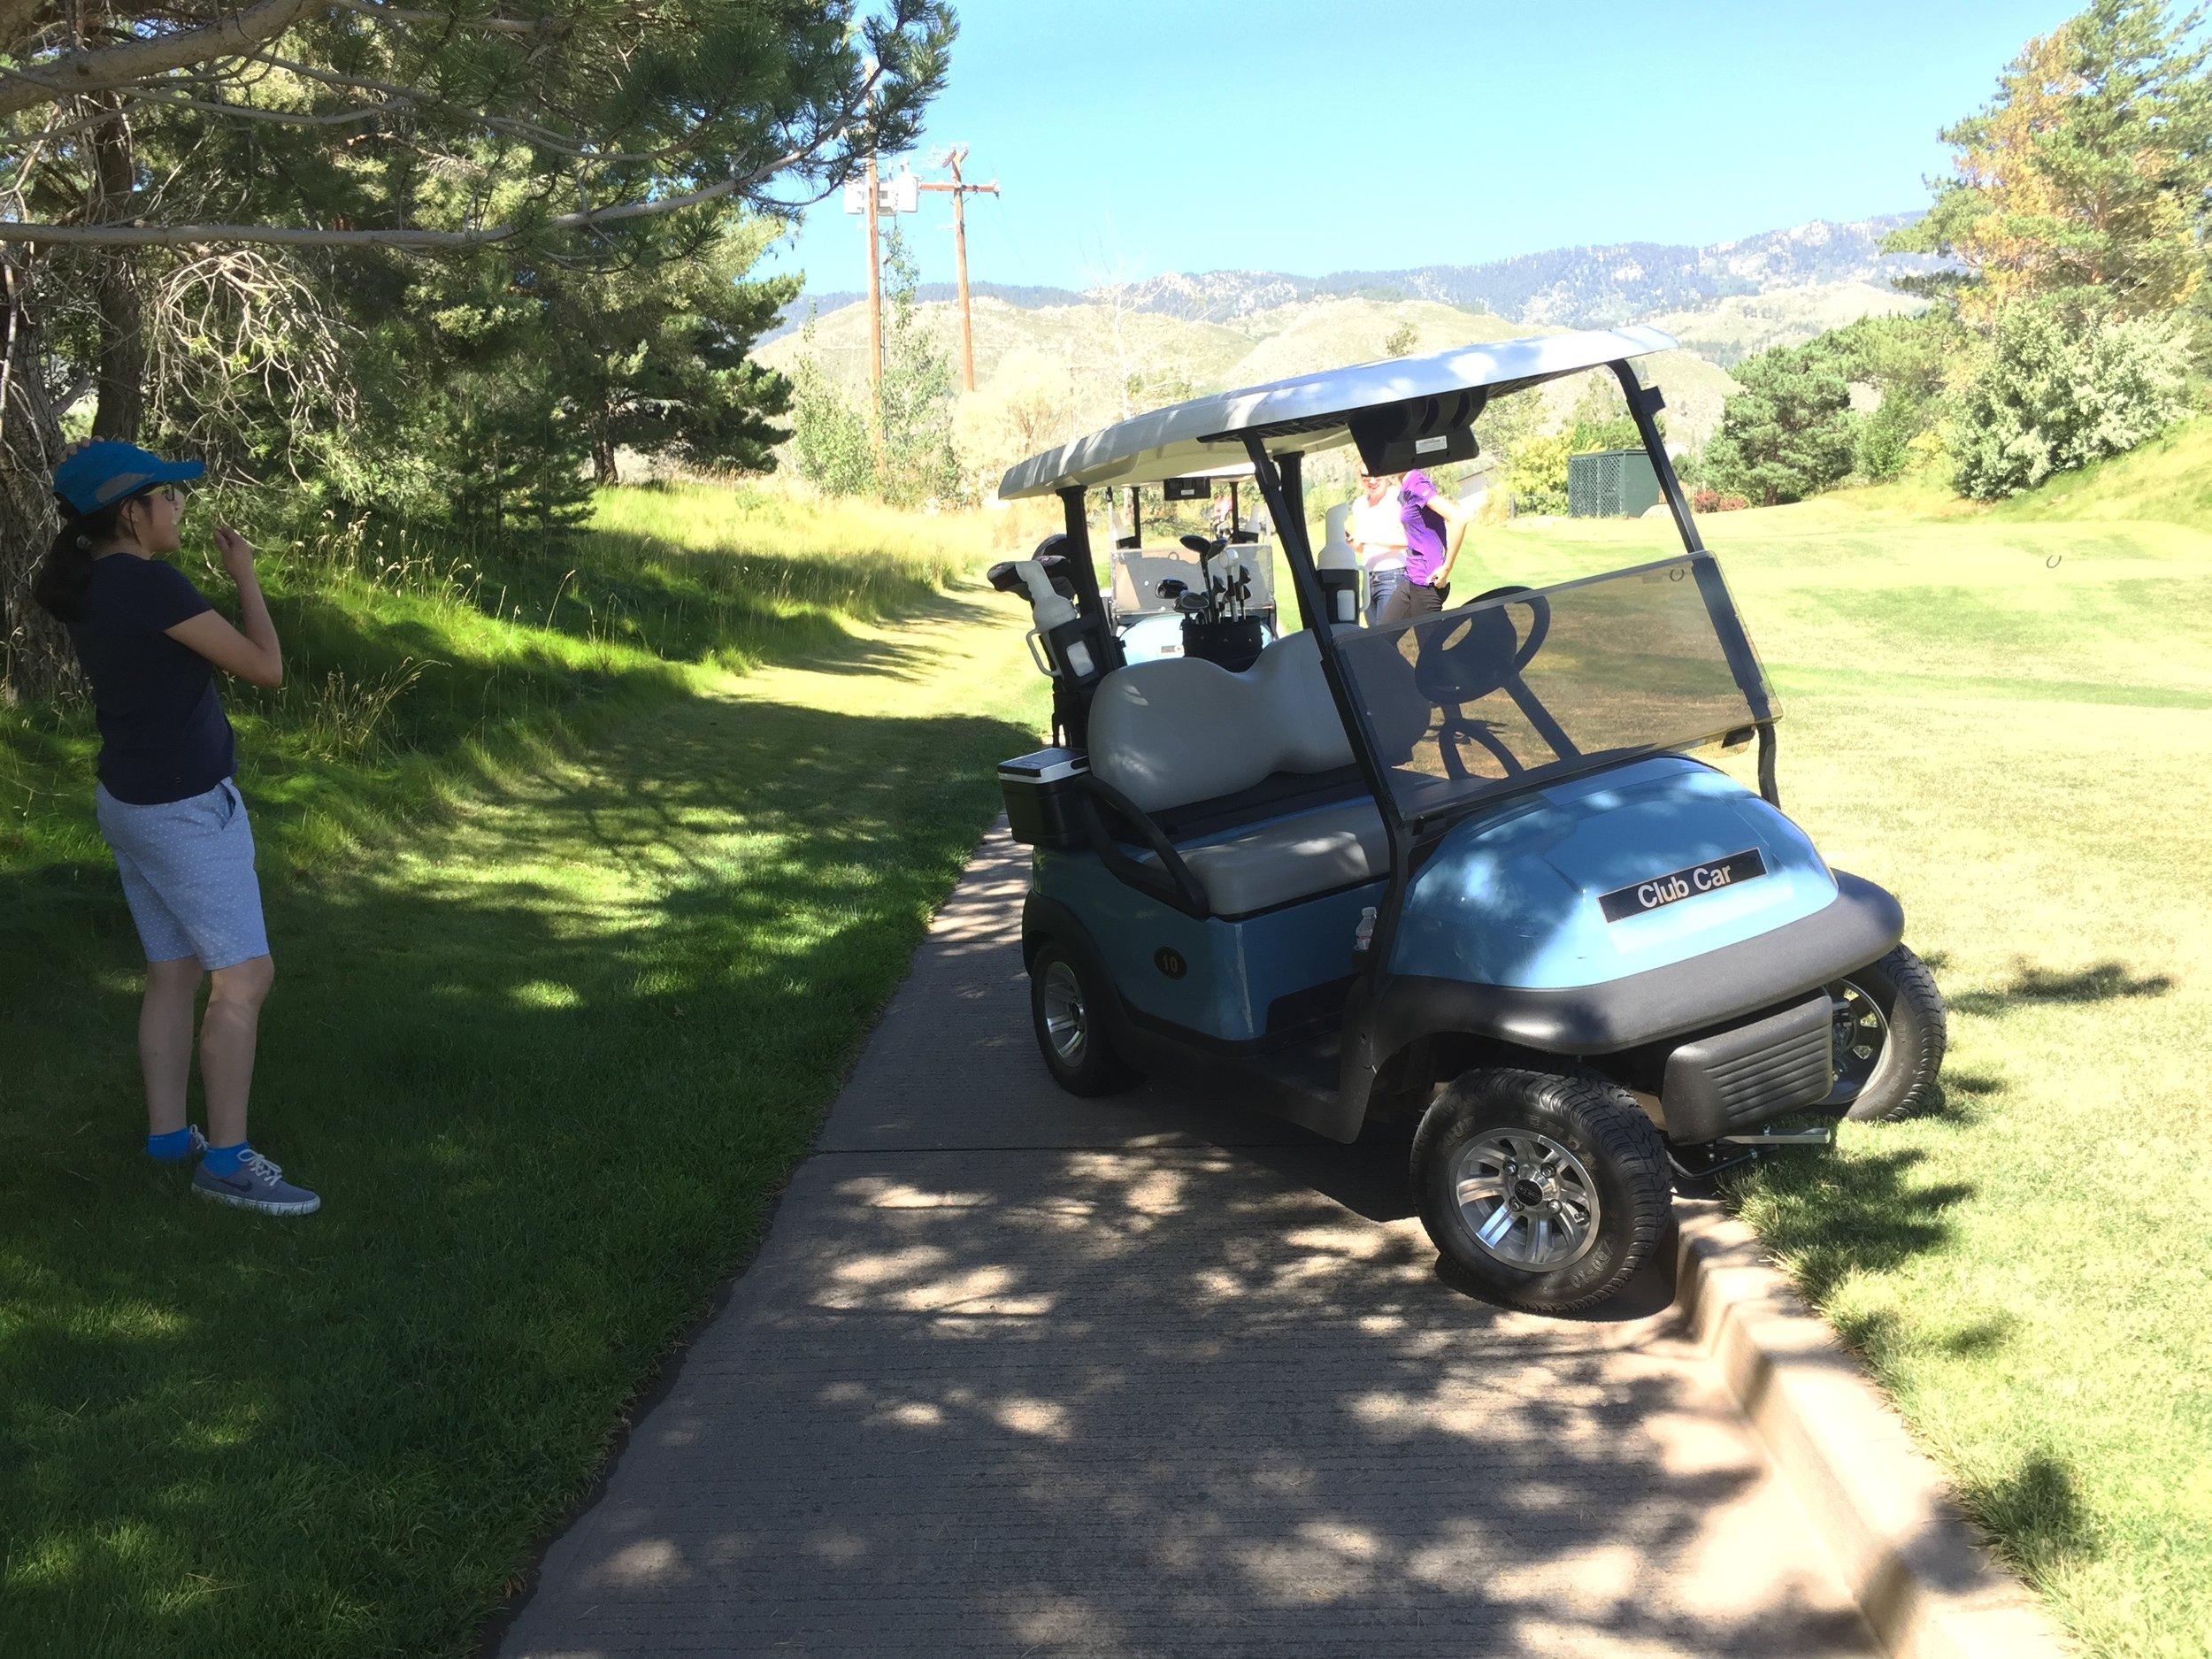 Computational Biologist tries driving a golf cart.